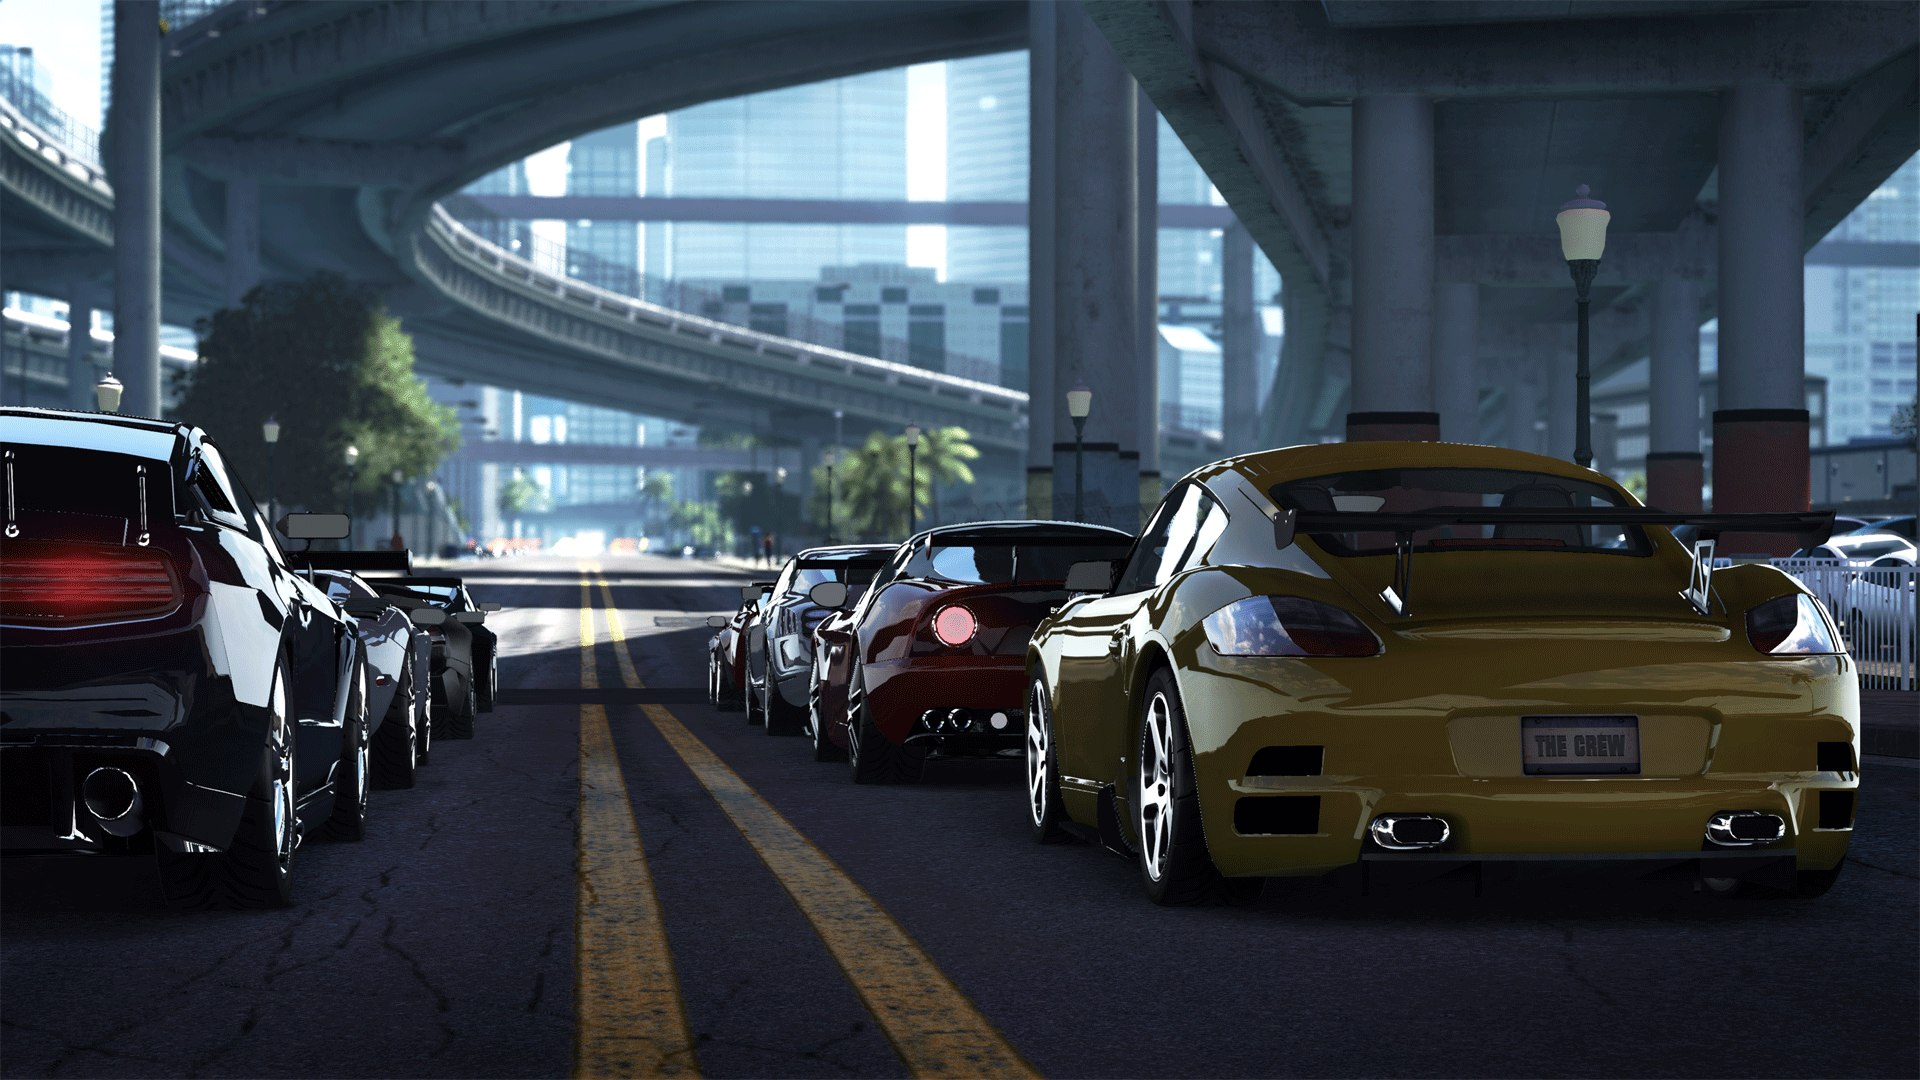 The Crew: Egy nagyon ütős és izgalmas trailert kapott az autós játék